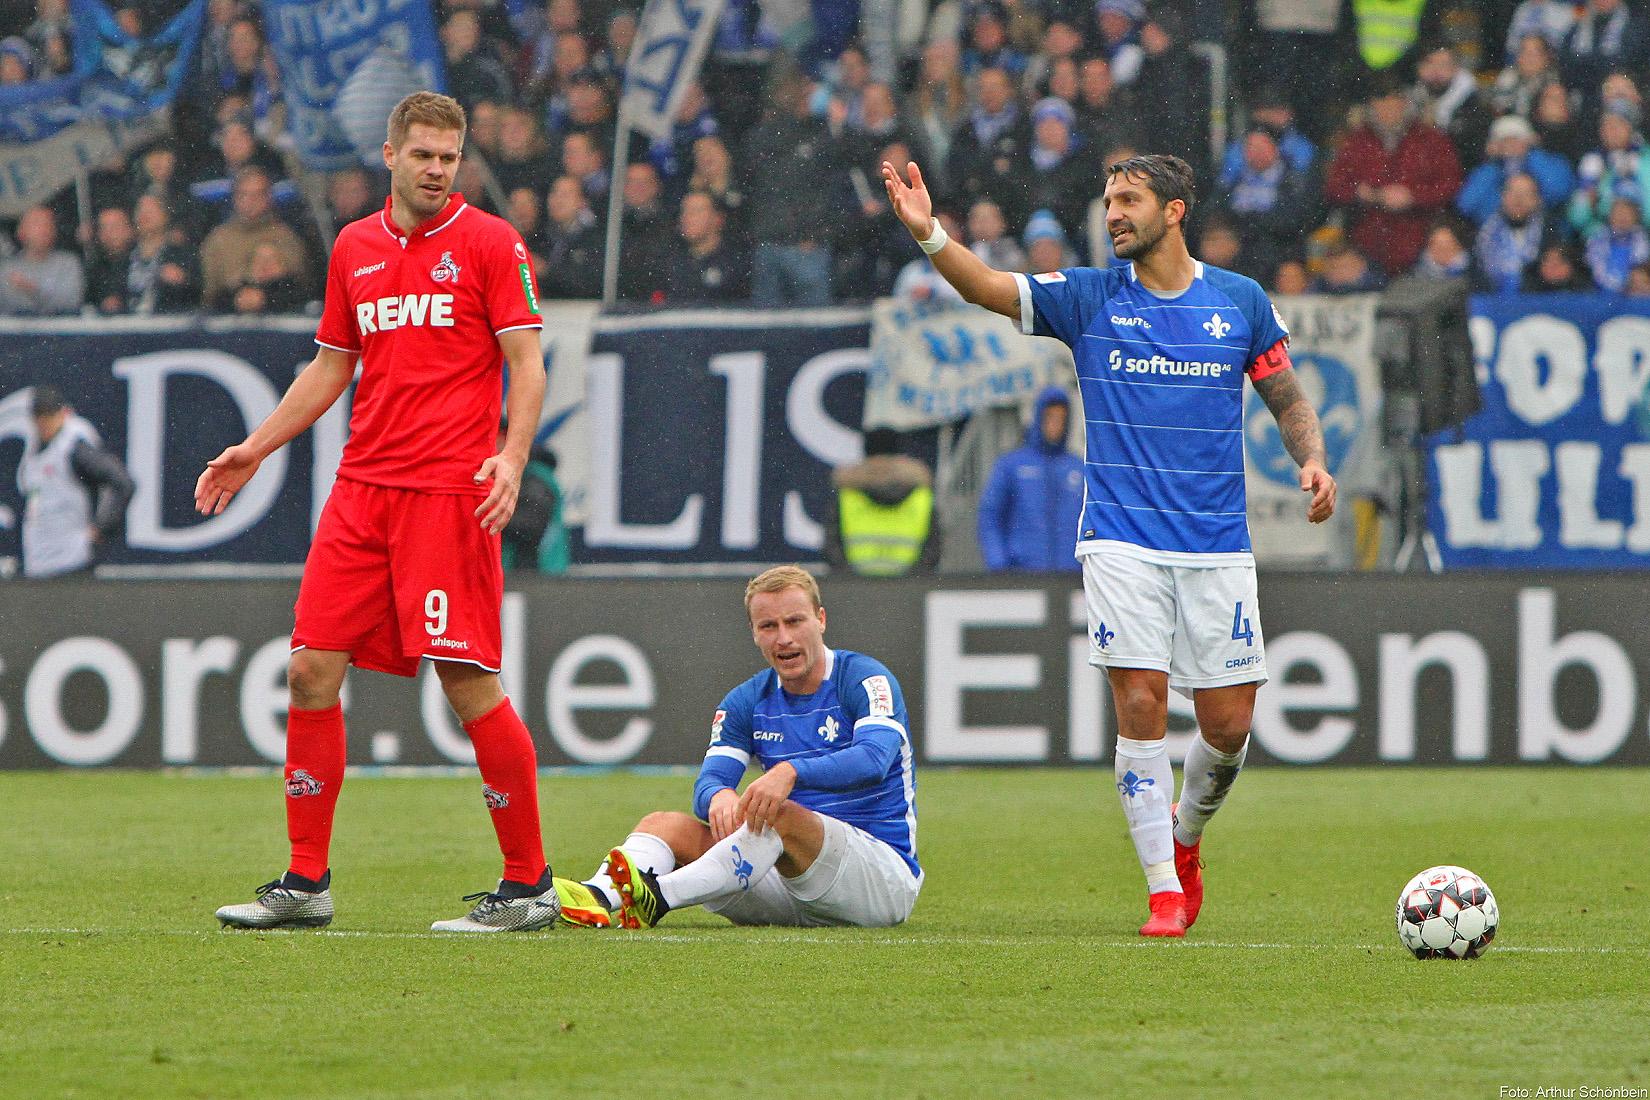 SV Darmstadt 98 – 1. FC Köln 0:3 (0:0)